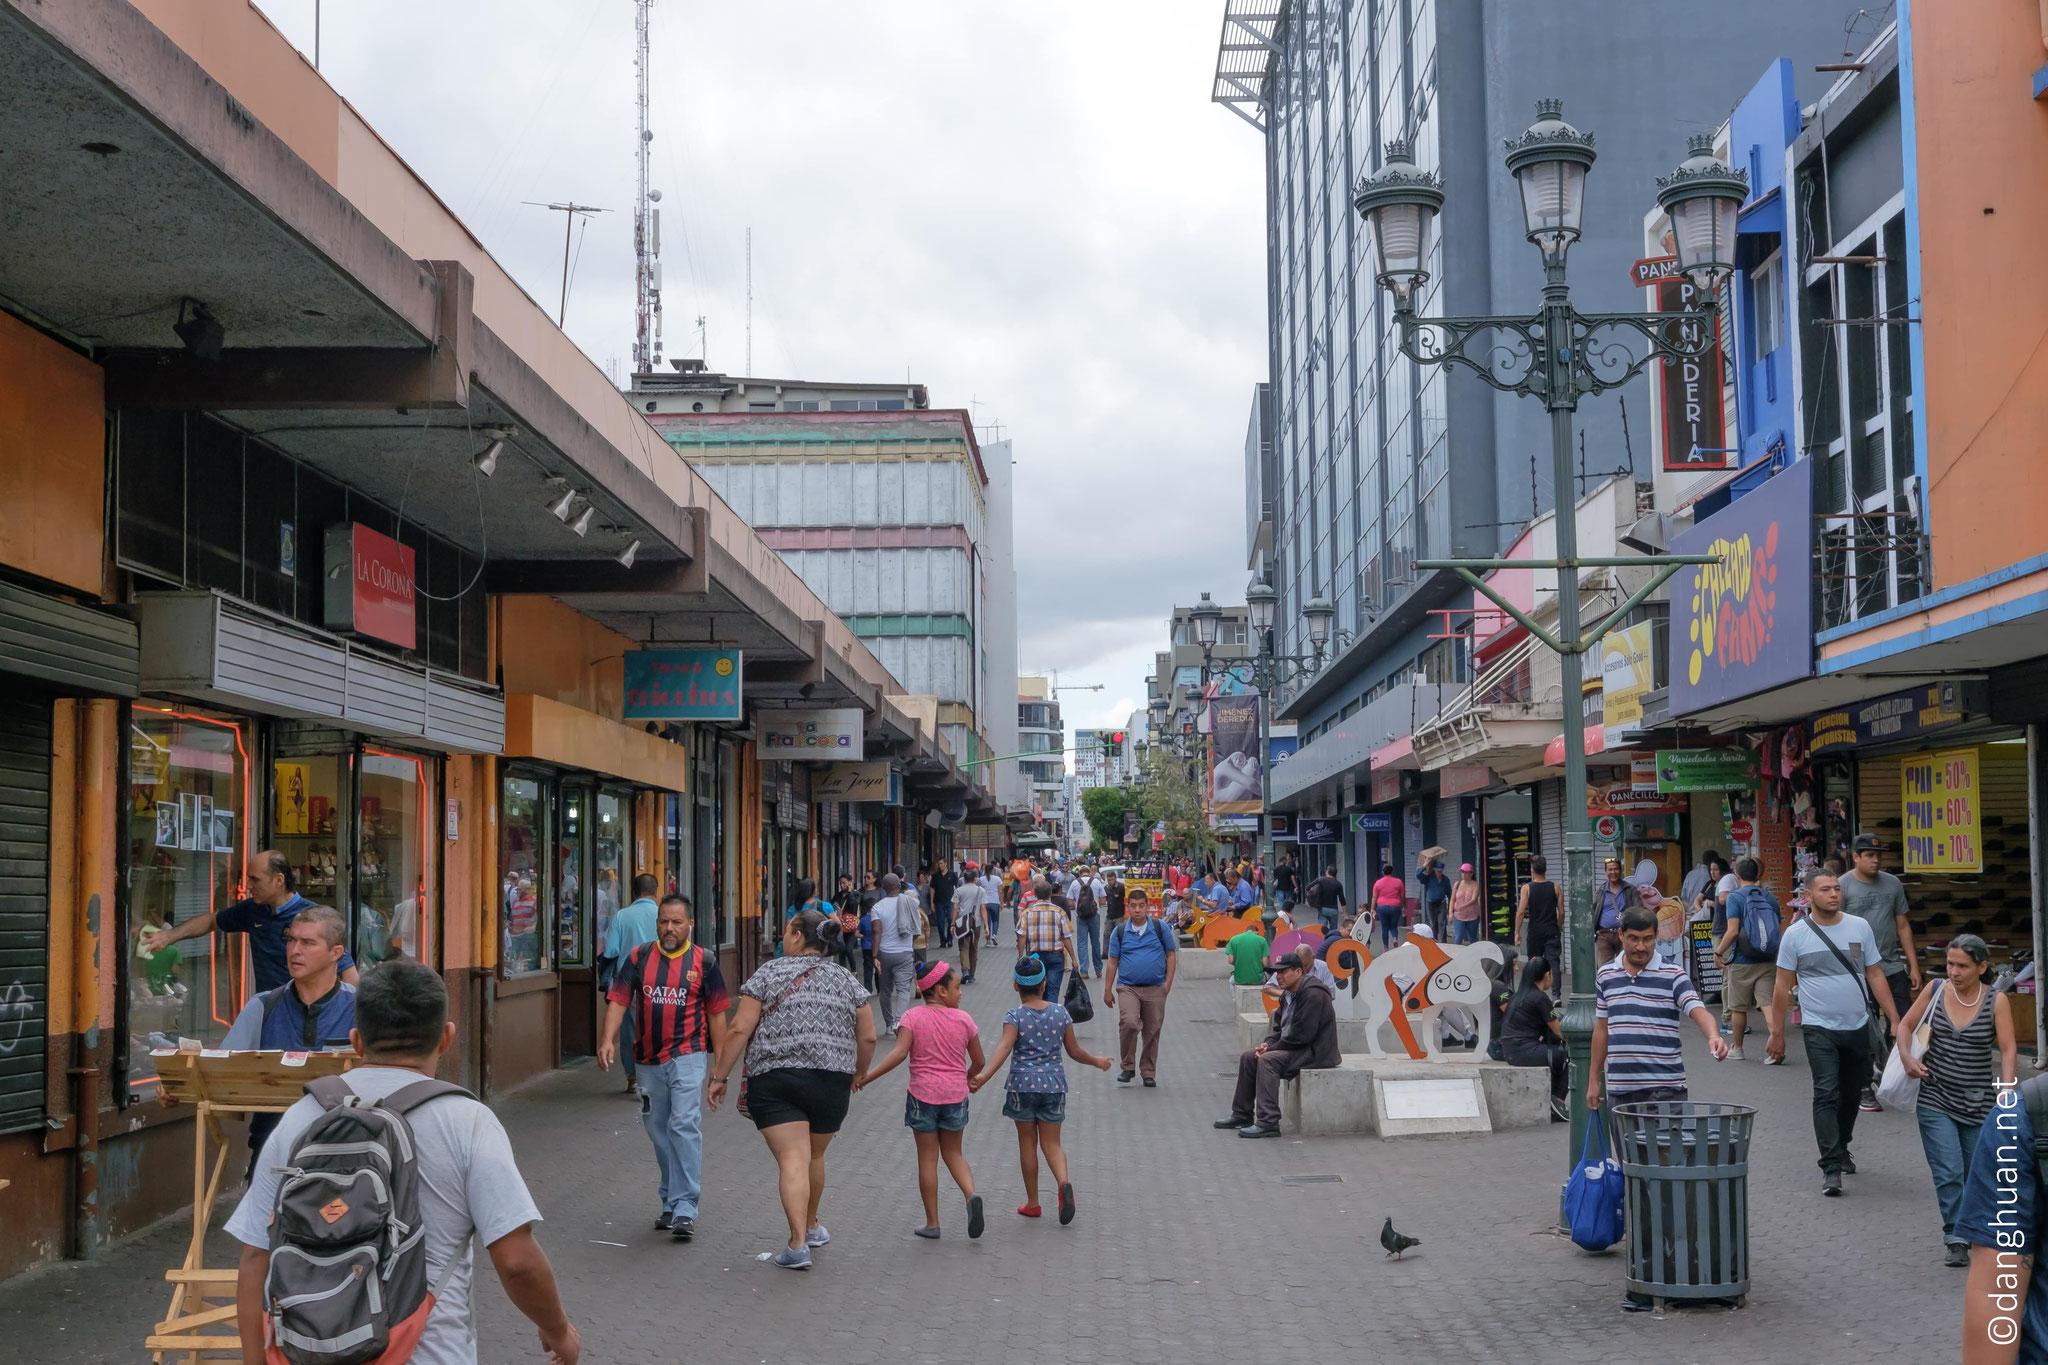 L'avenue centrale, l'artère commercial principal de San José réservé aux piétons